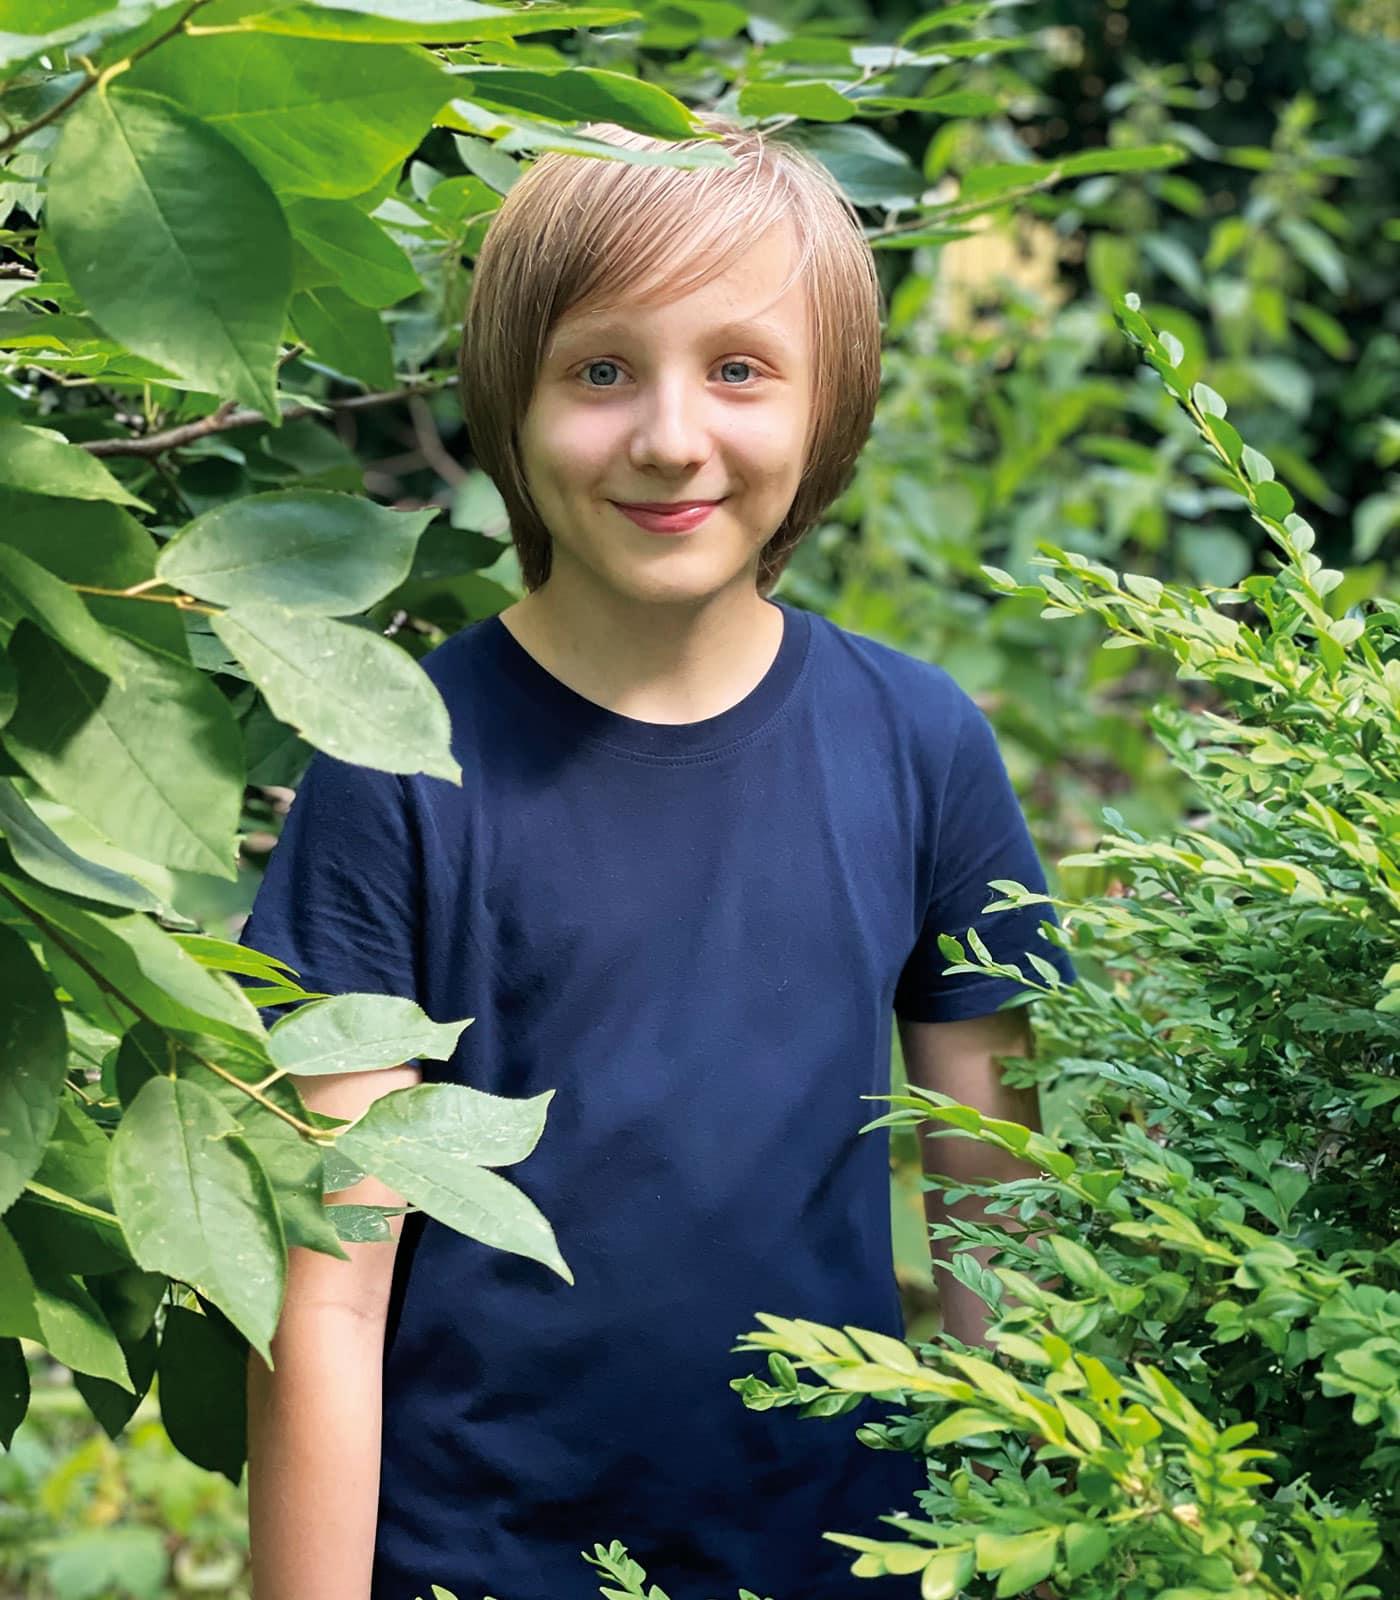 Kindermeinungen zu Umweltschutz, Klimaschutz, Zukunftsgedanken: Victor // HIMBEER